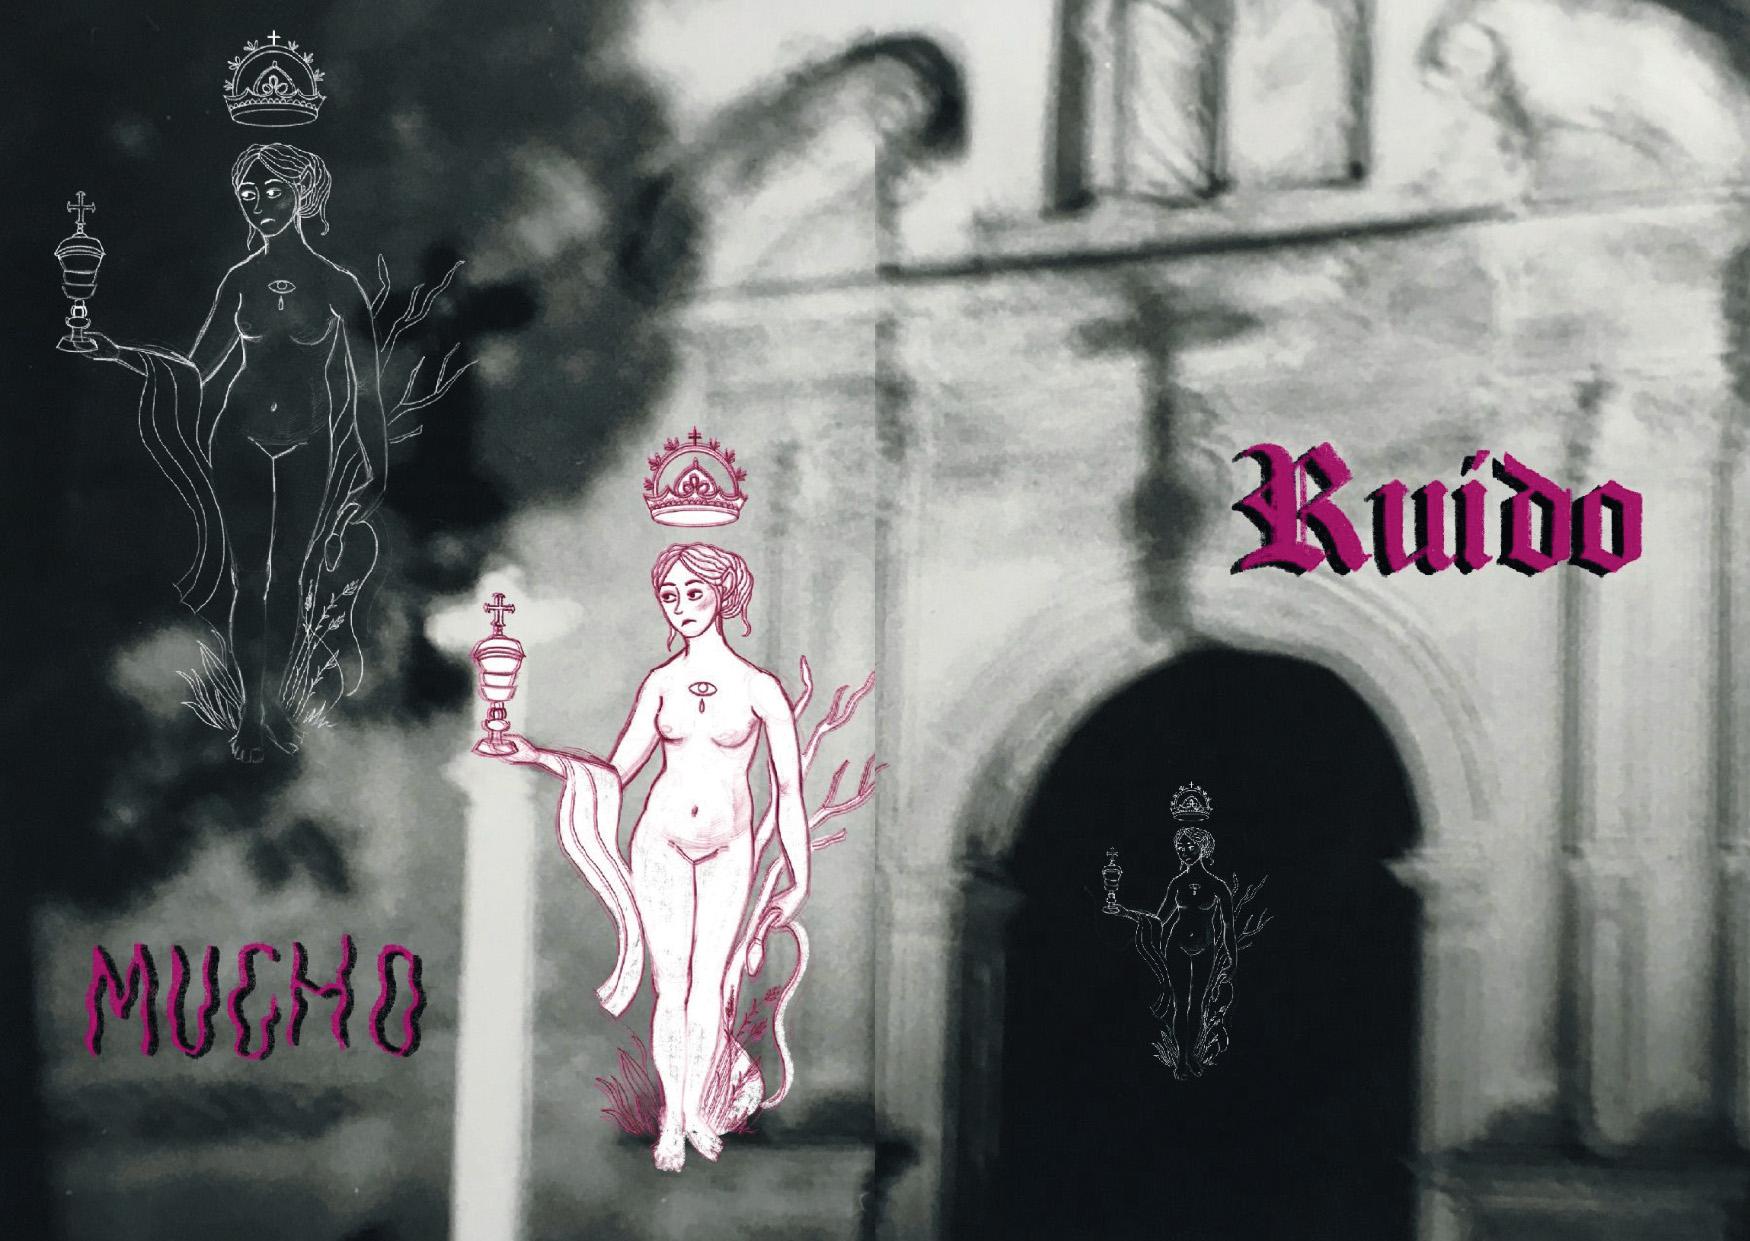 Ruido_Sardinas__0007_ruidoysardinas_page-0012